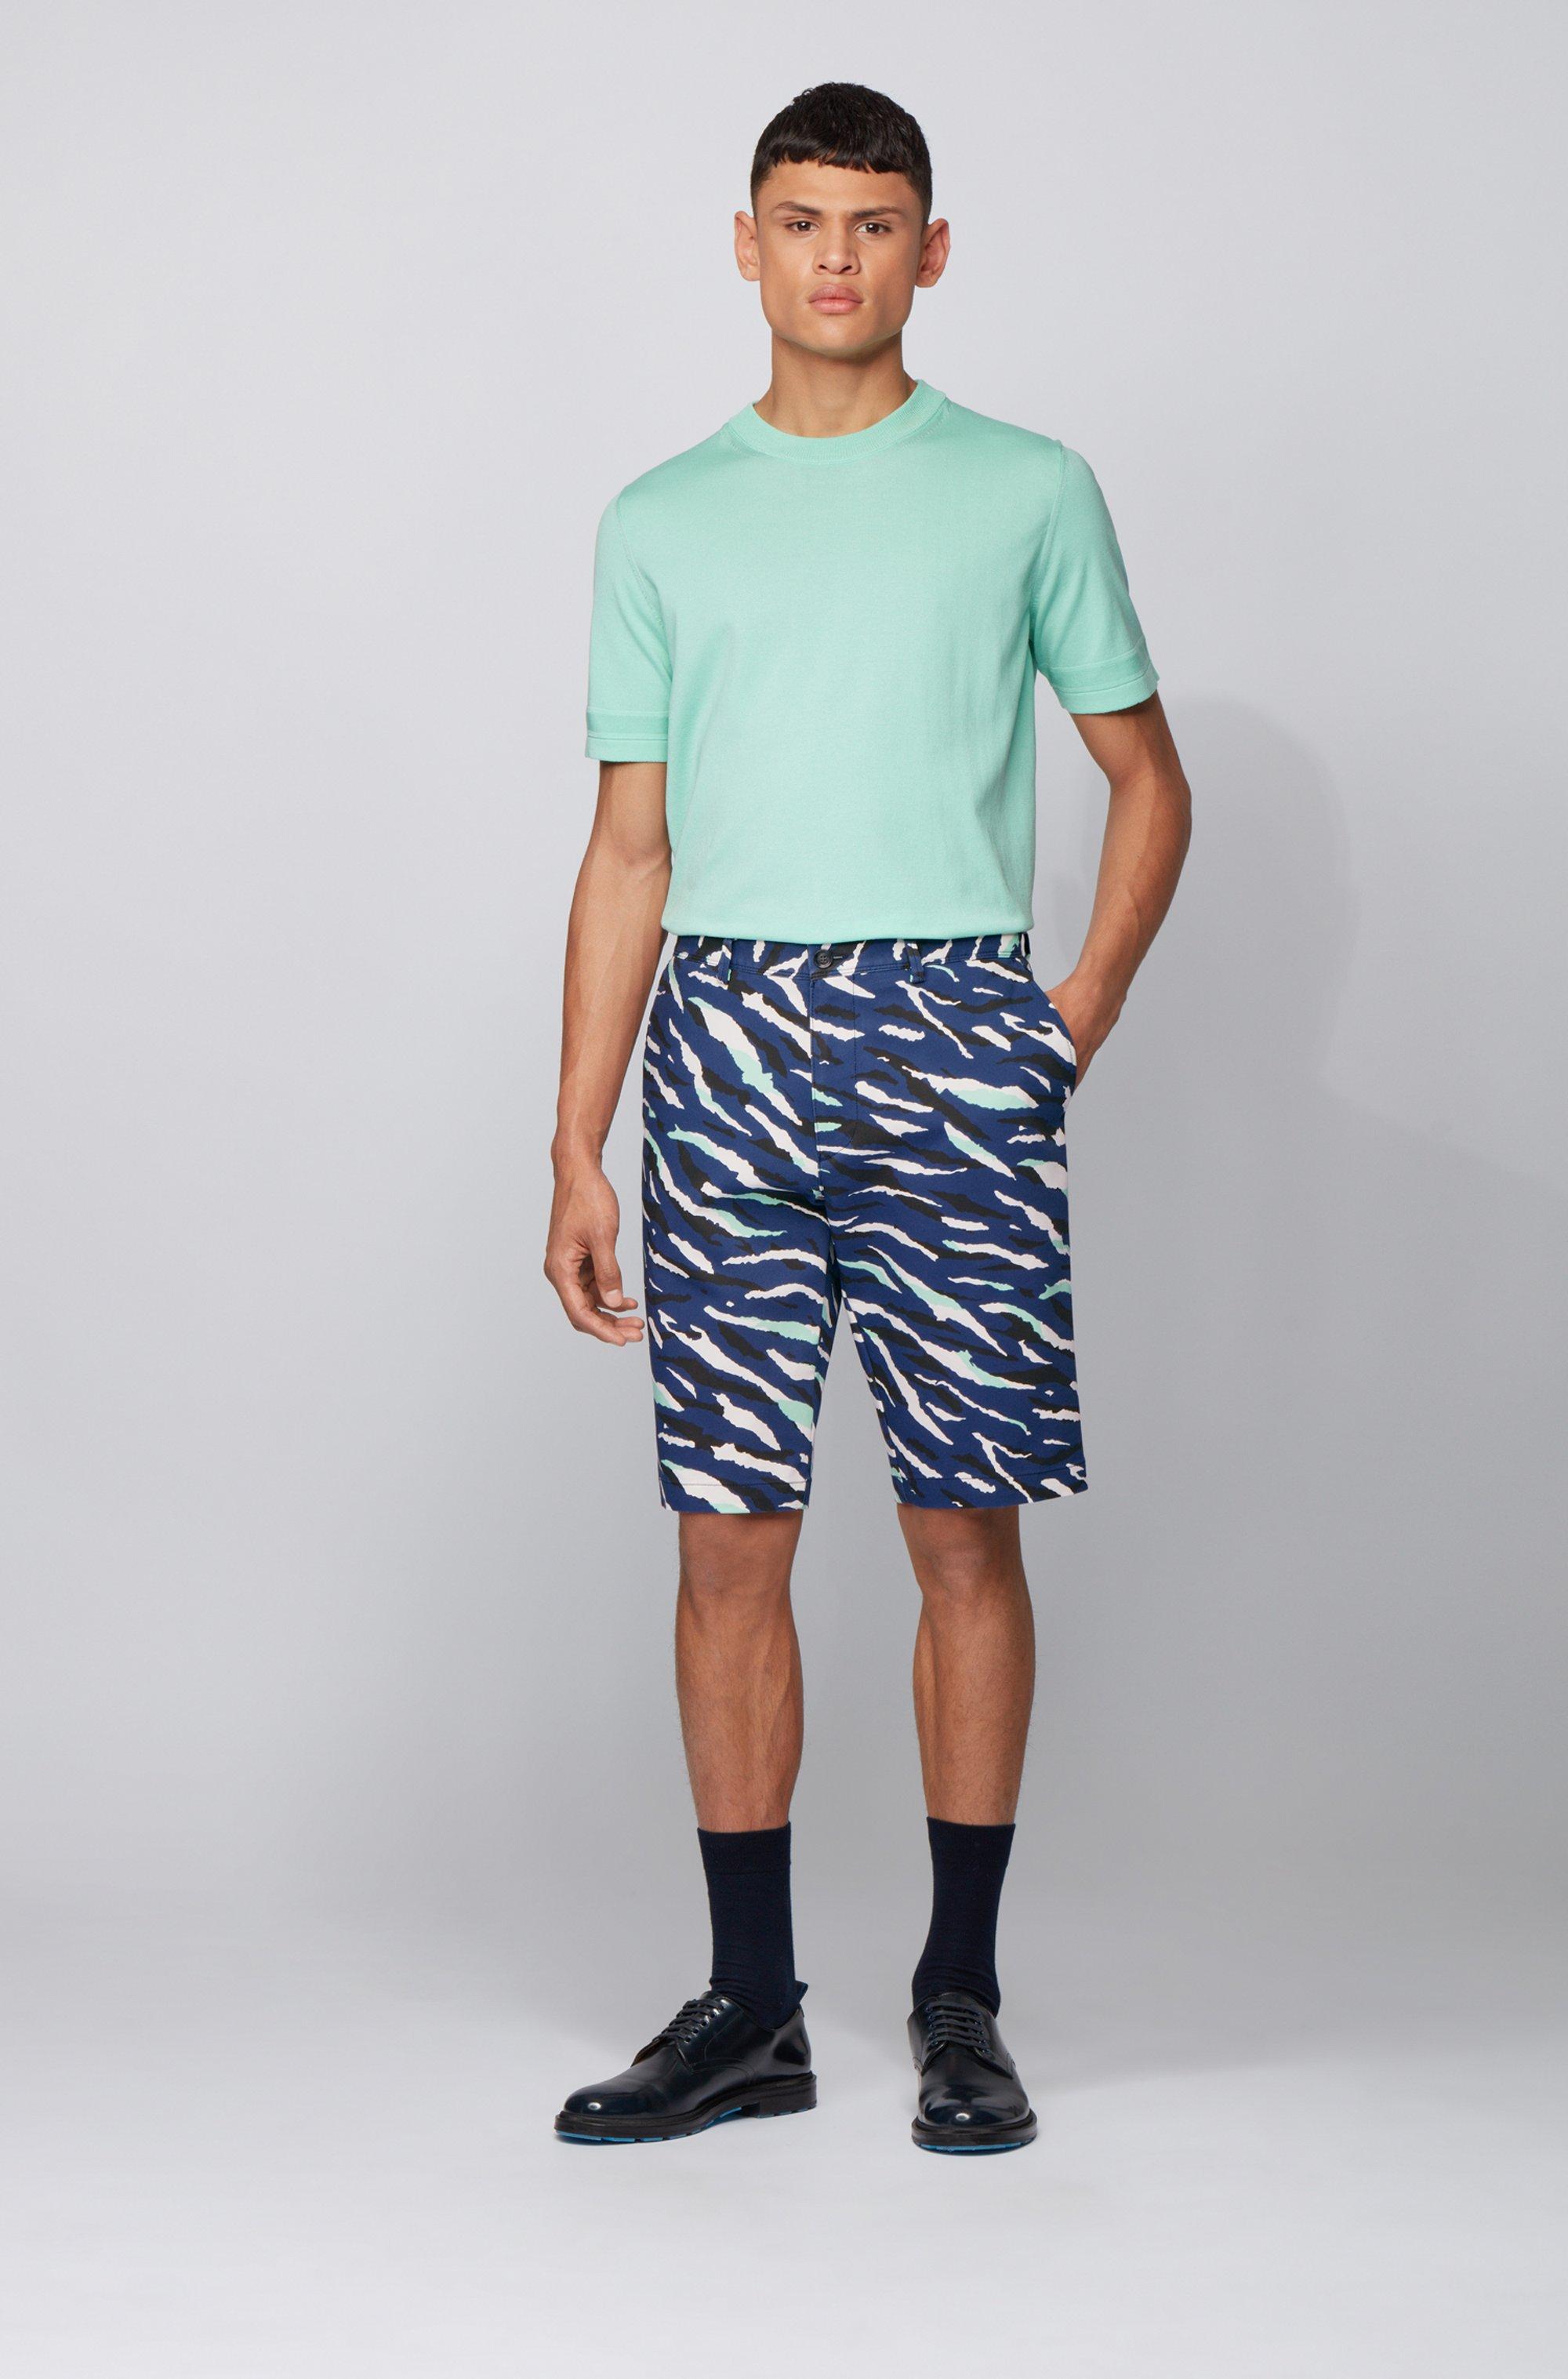 Shorts aus elastischem Baumwoll-Mix mit Camouflage-Muster im Animal-Look